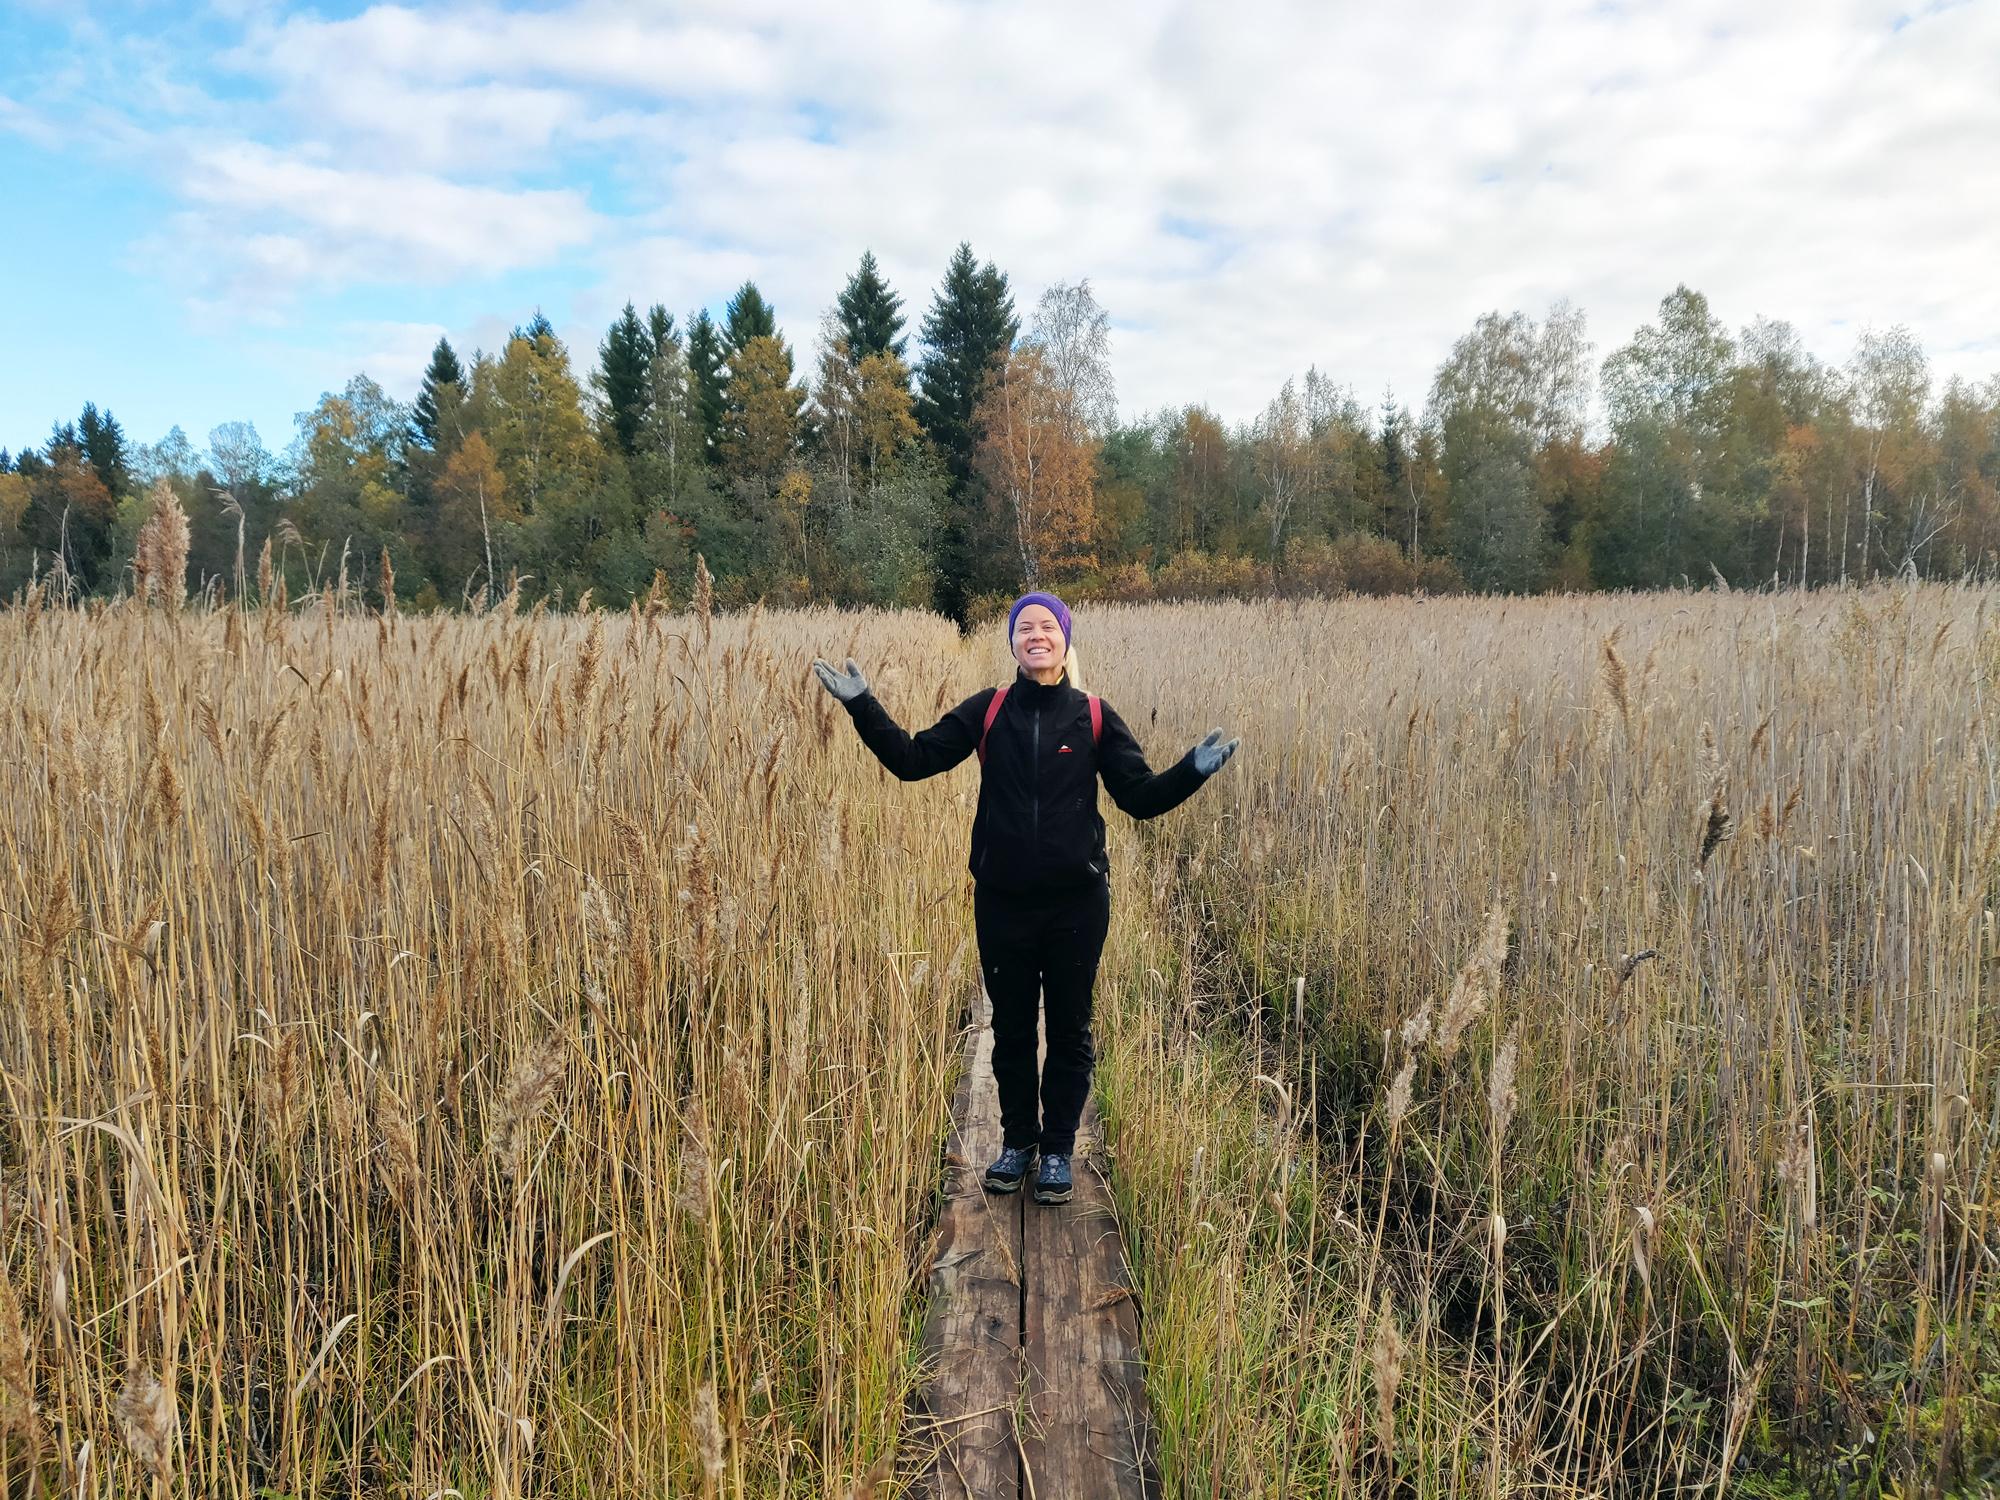 vandra i skogen